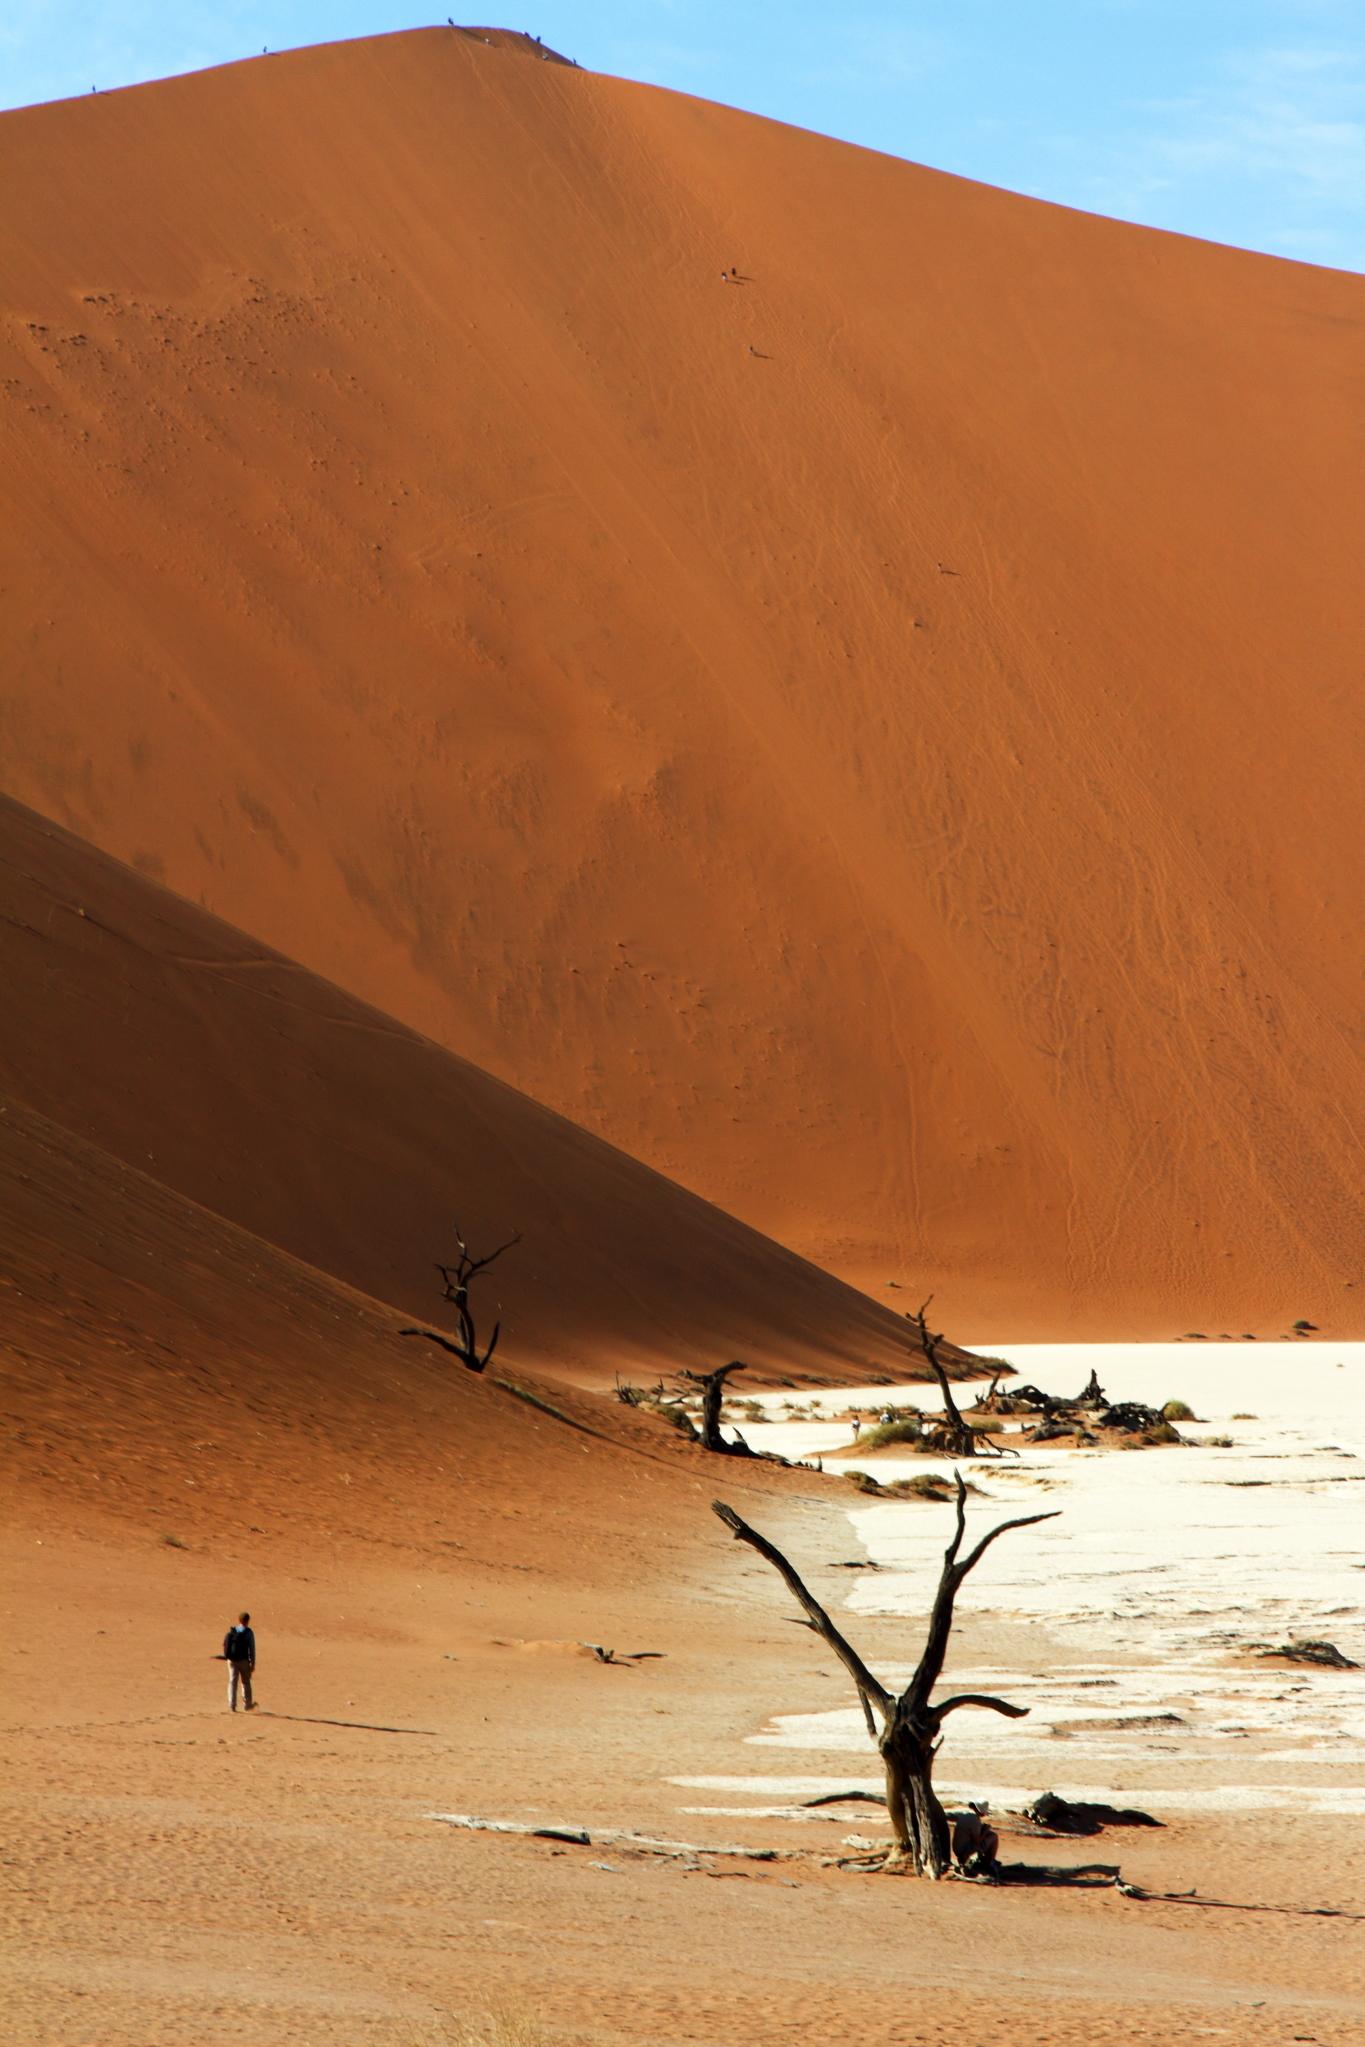 Namibia, Deadvlei